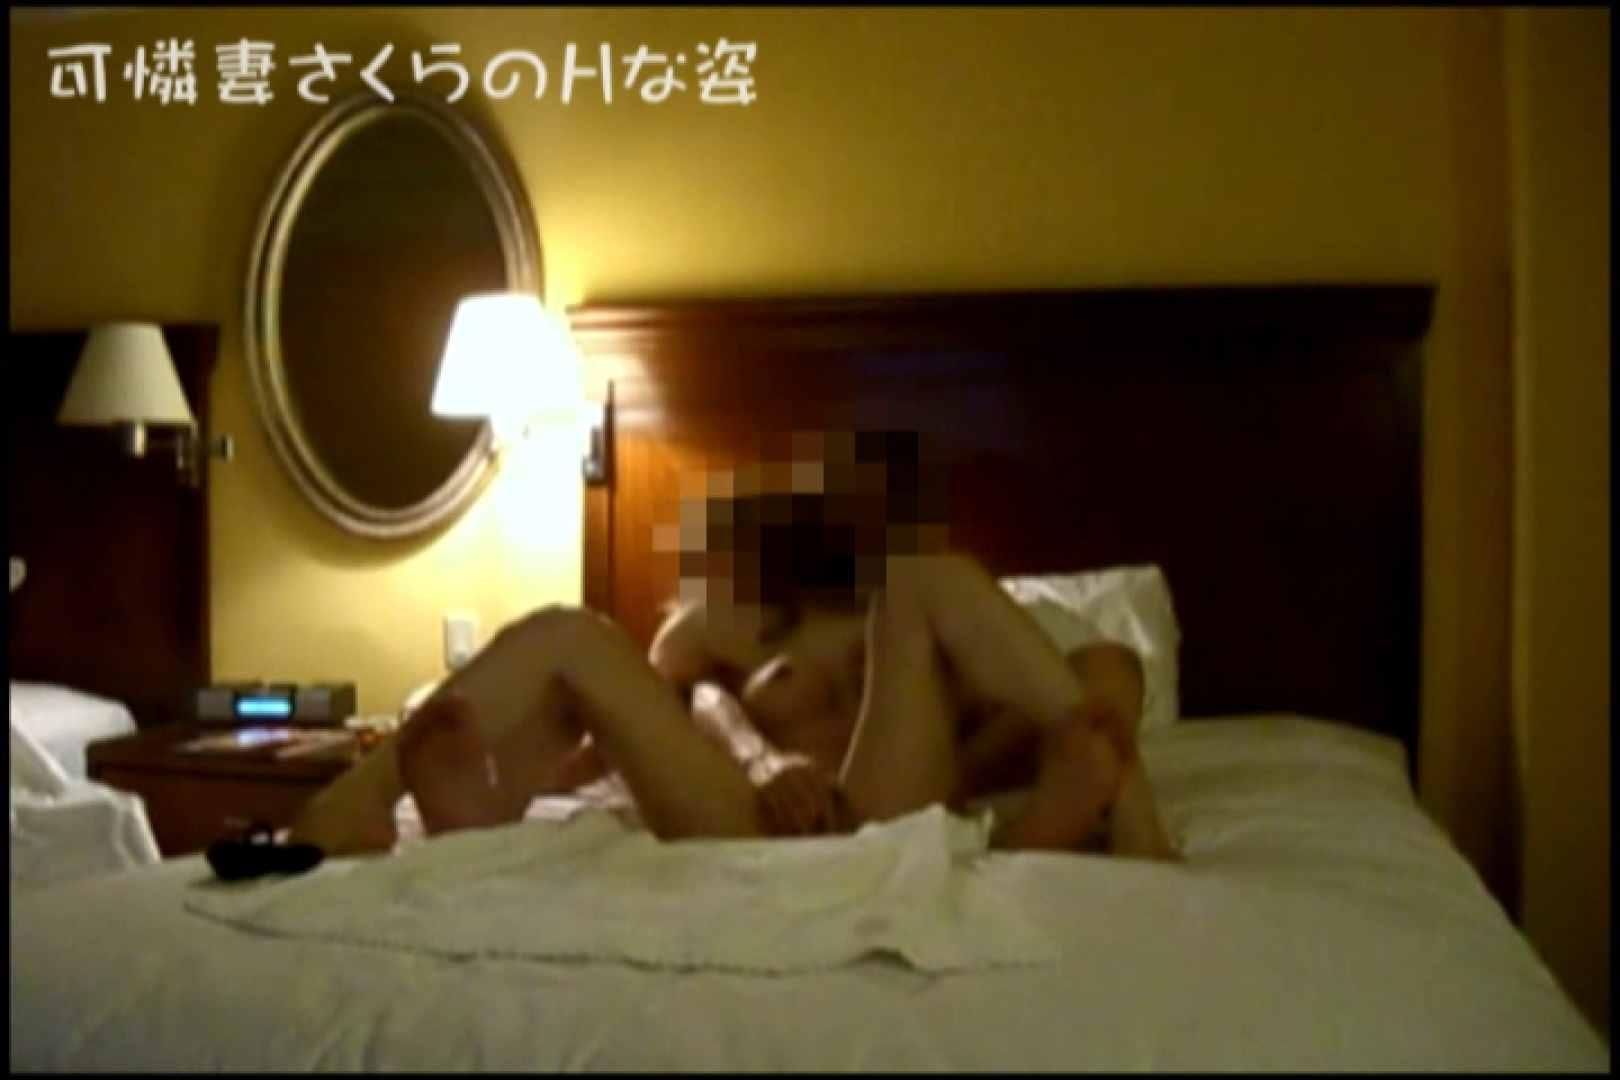 可憐妻さくらのHな姿vol.8 パンティ おめこ無修正動画無料 58連発 16